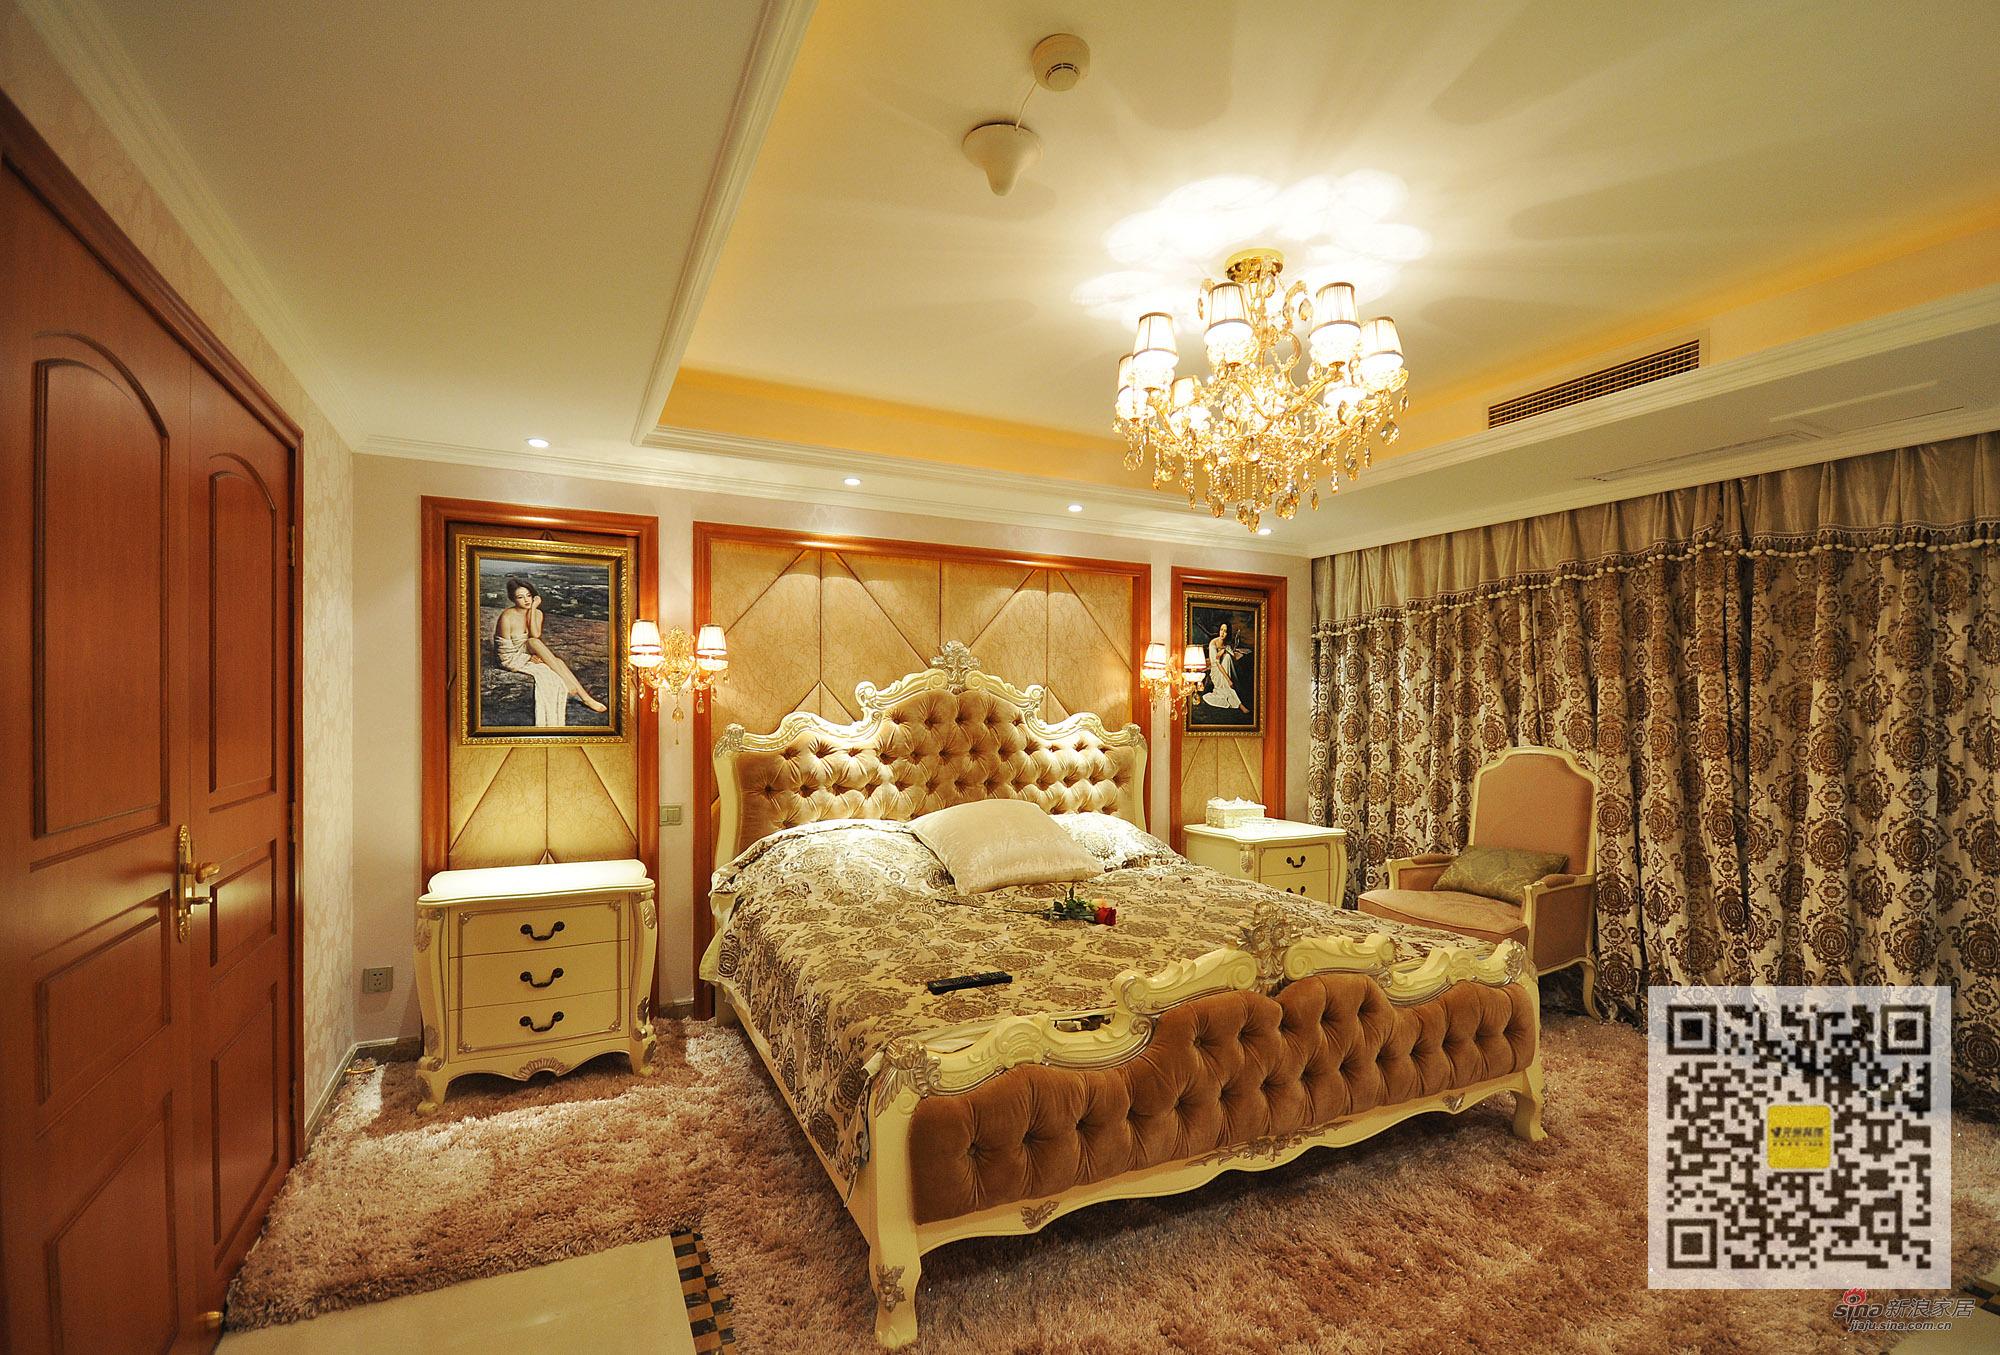 其他 别墅 卧室图片来自用户2737948467在新巴洛克风格别墅设计42的分享